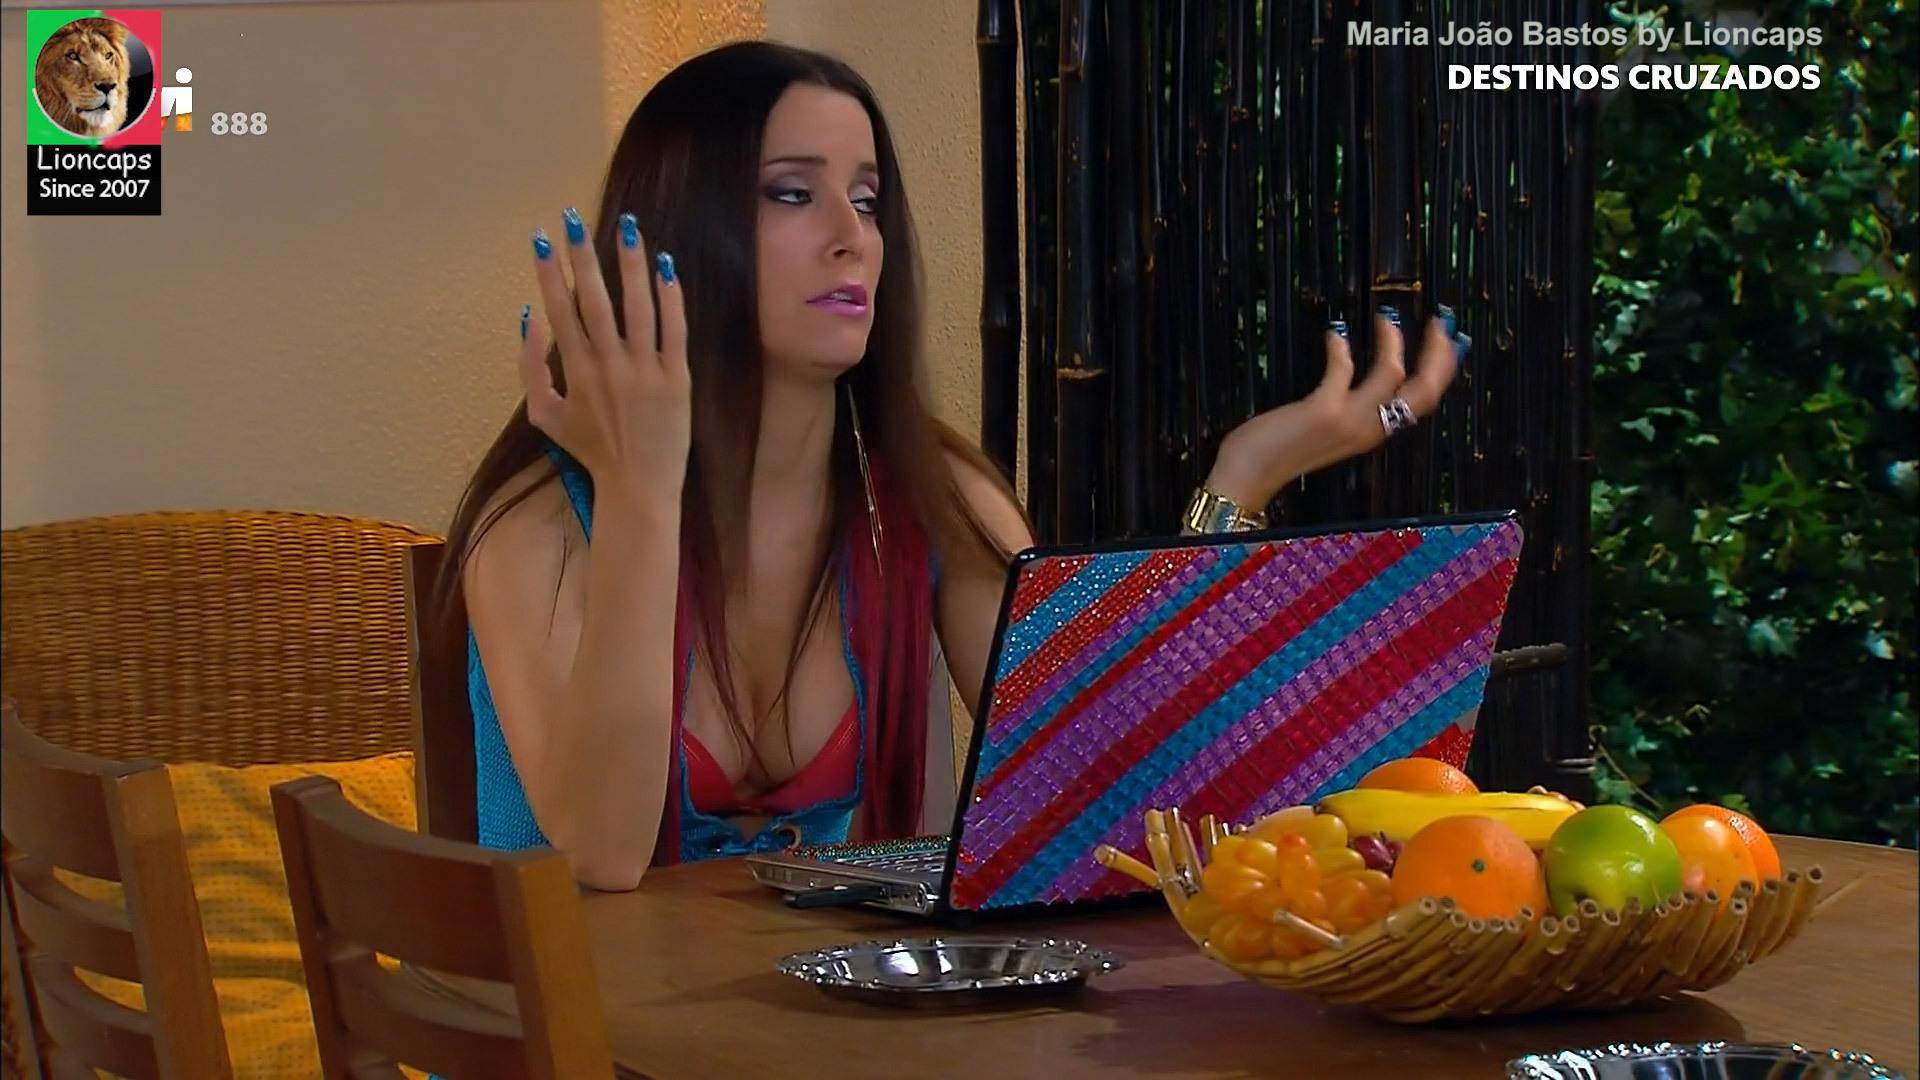 maria_joao_bastos_destinos_lioncaps_01_12_2020_01 (14).jpg